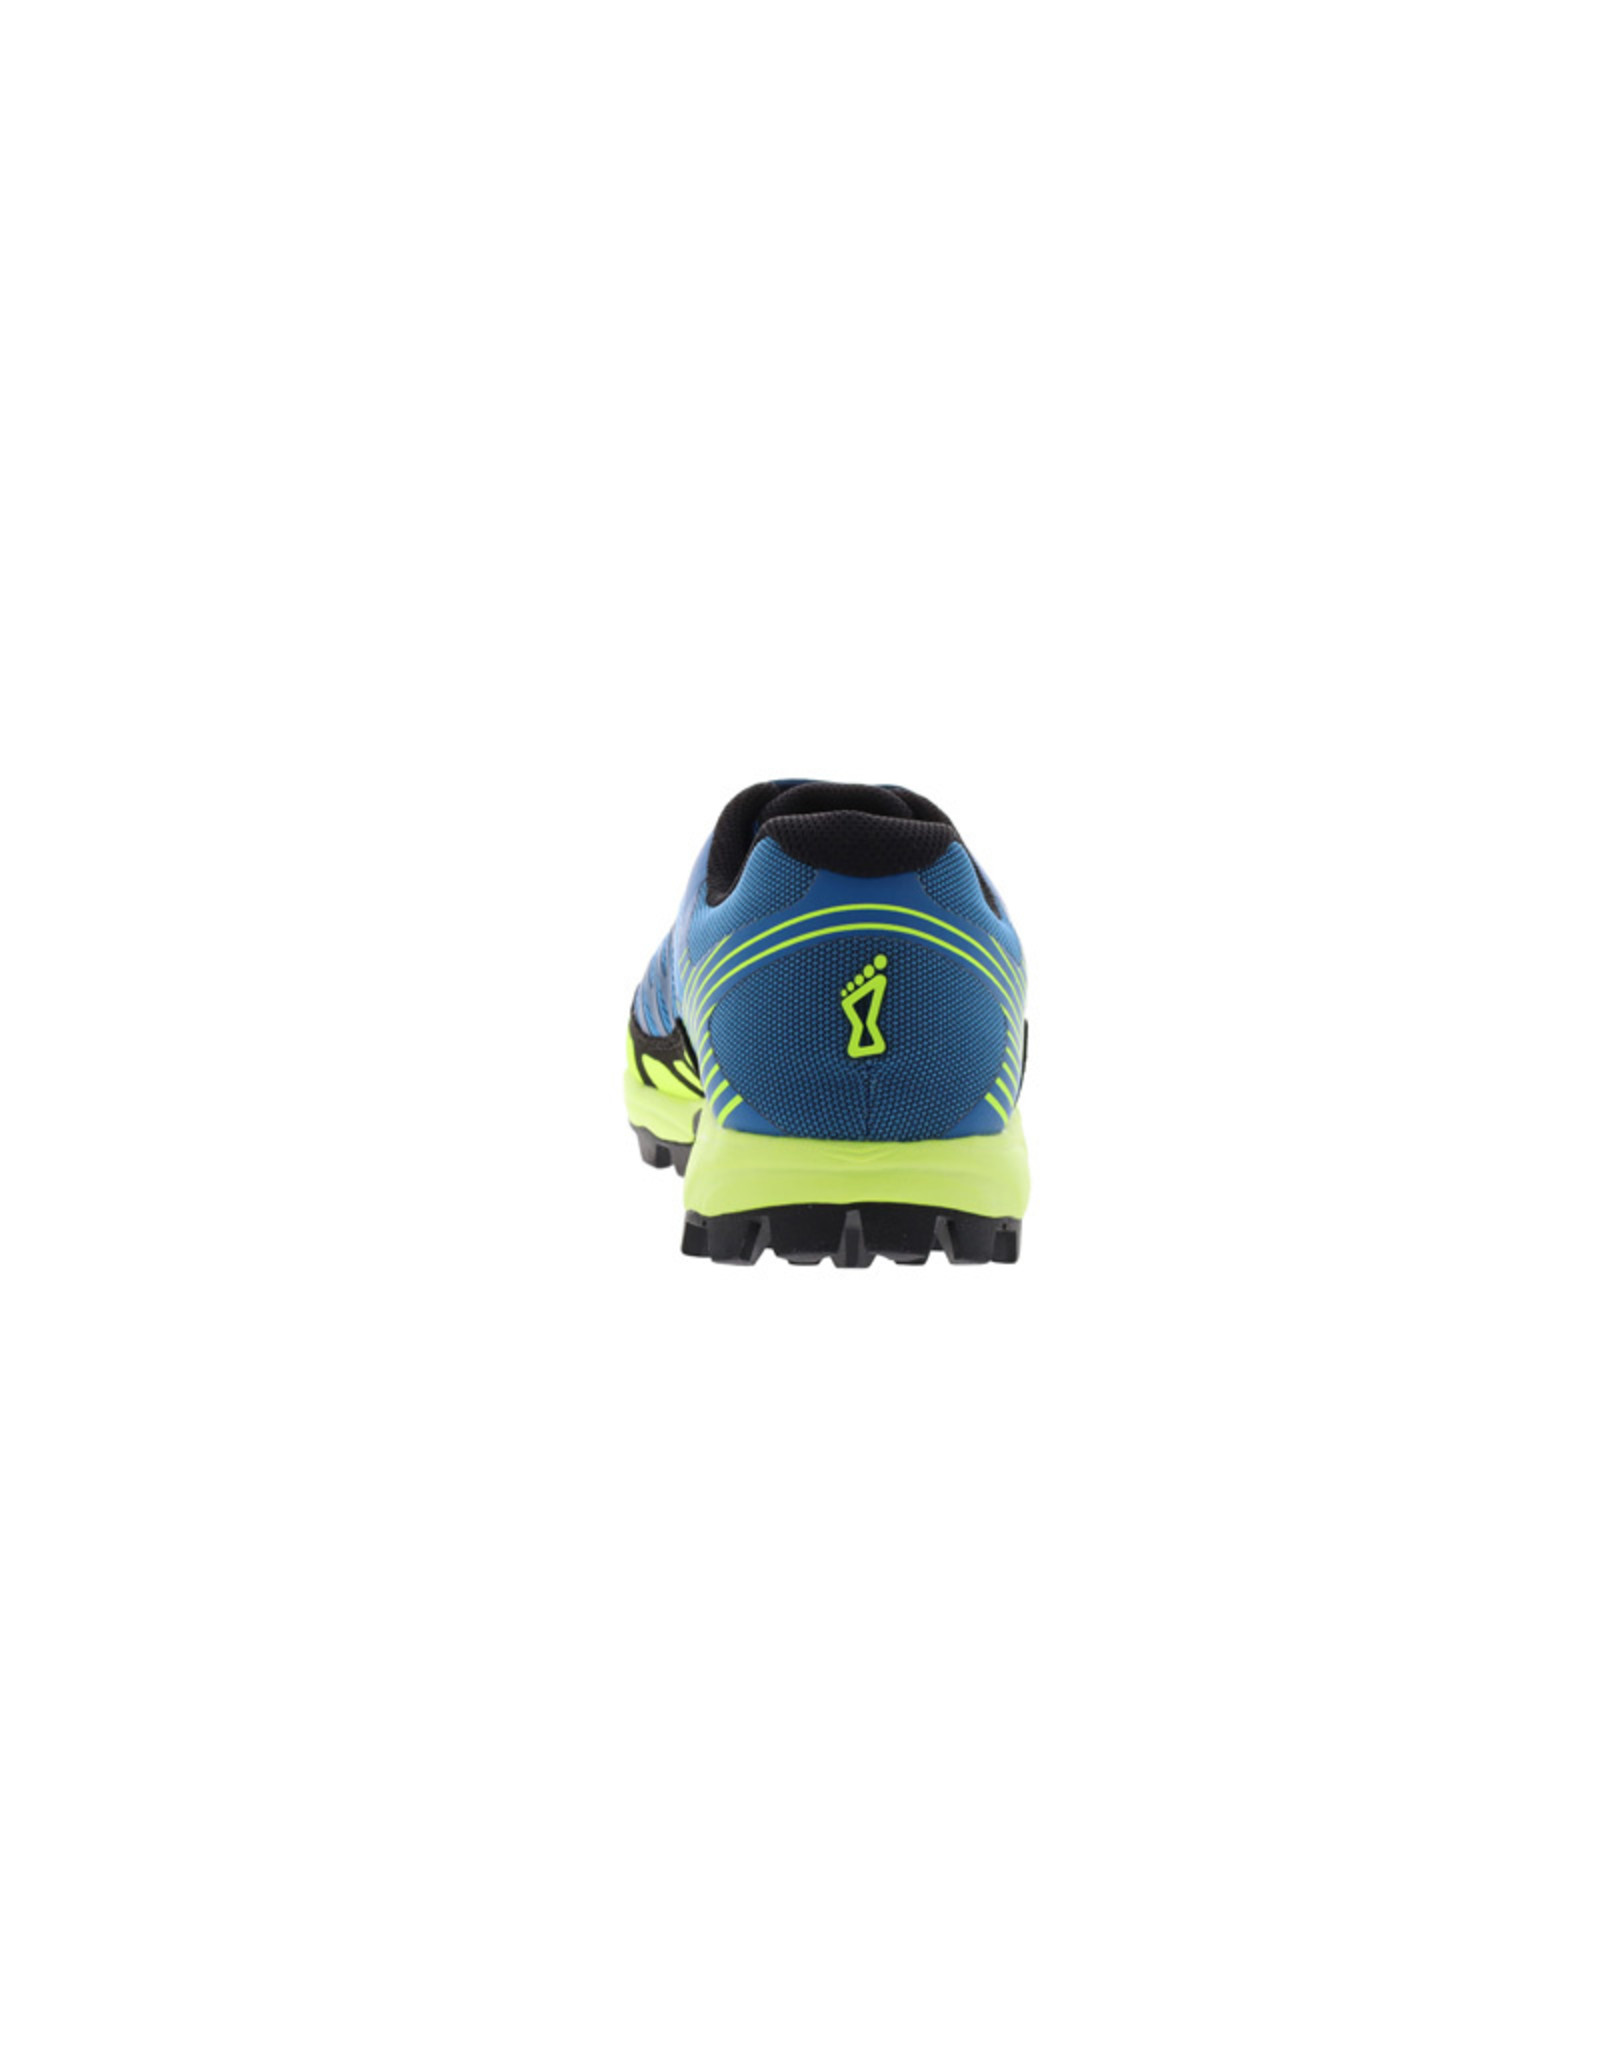 Inov-8 Mudclaw 300 OCR En Survivalschoen - Blauw/Geel